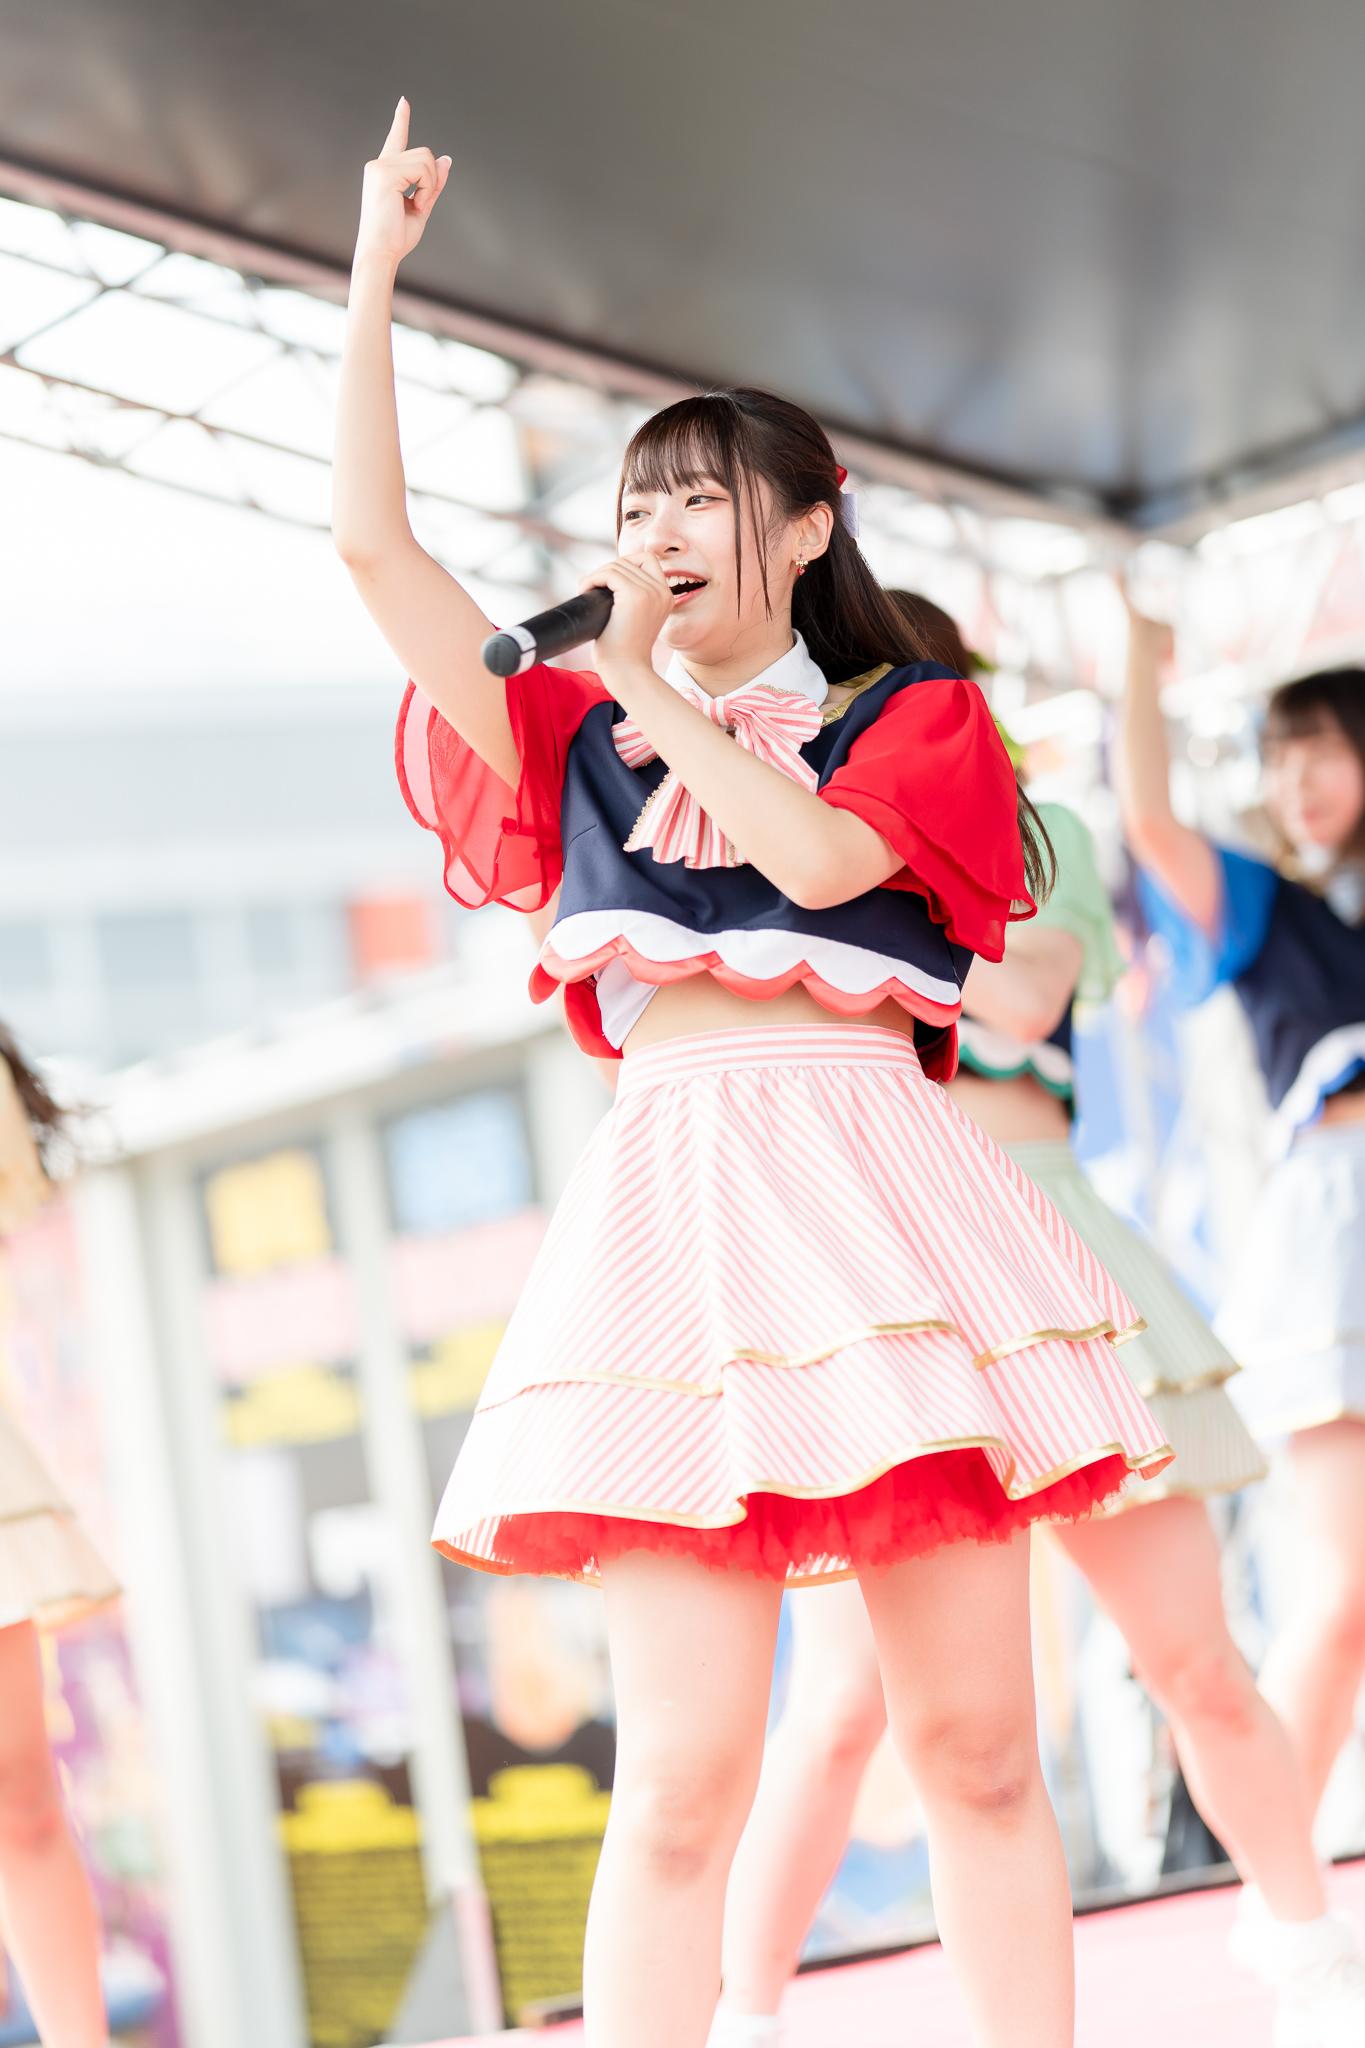 HAPPY少女♪ ちひろ ( 孫田ちひろ ) | お宝百貨店万代藤野店「SUMMER FESTIVAL 2021」2日目